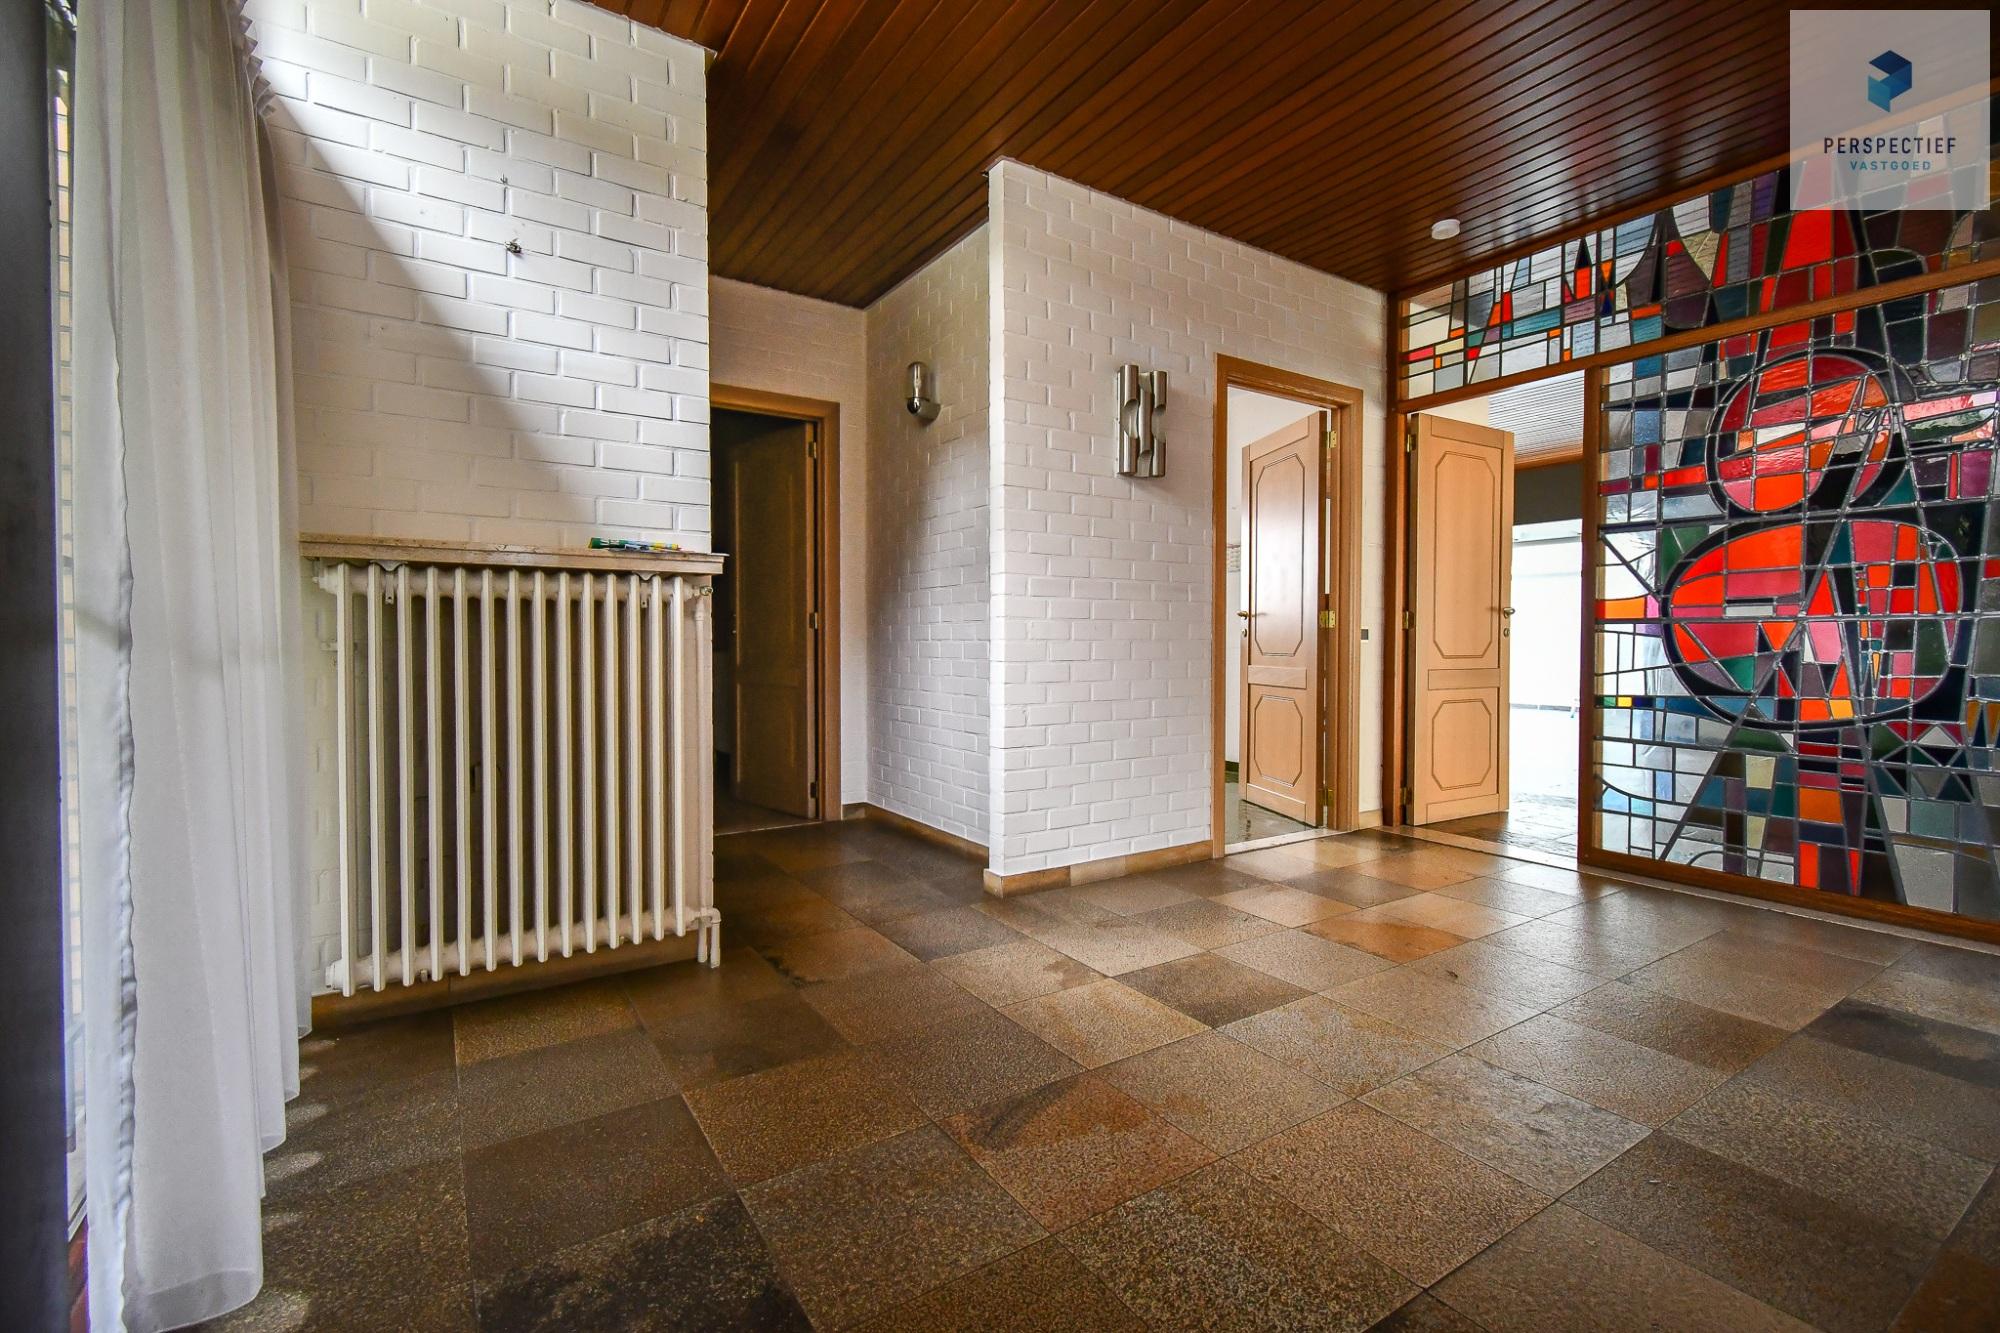 | IN OPTIE | Vrijstaandearchitecturale woningop eentoplocatie, ideaal voor een zelfstandigepraktijk! - 5